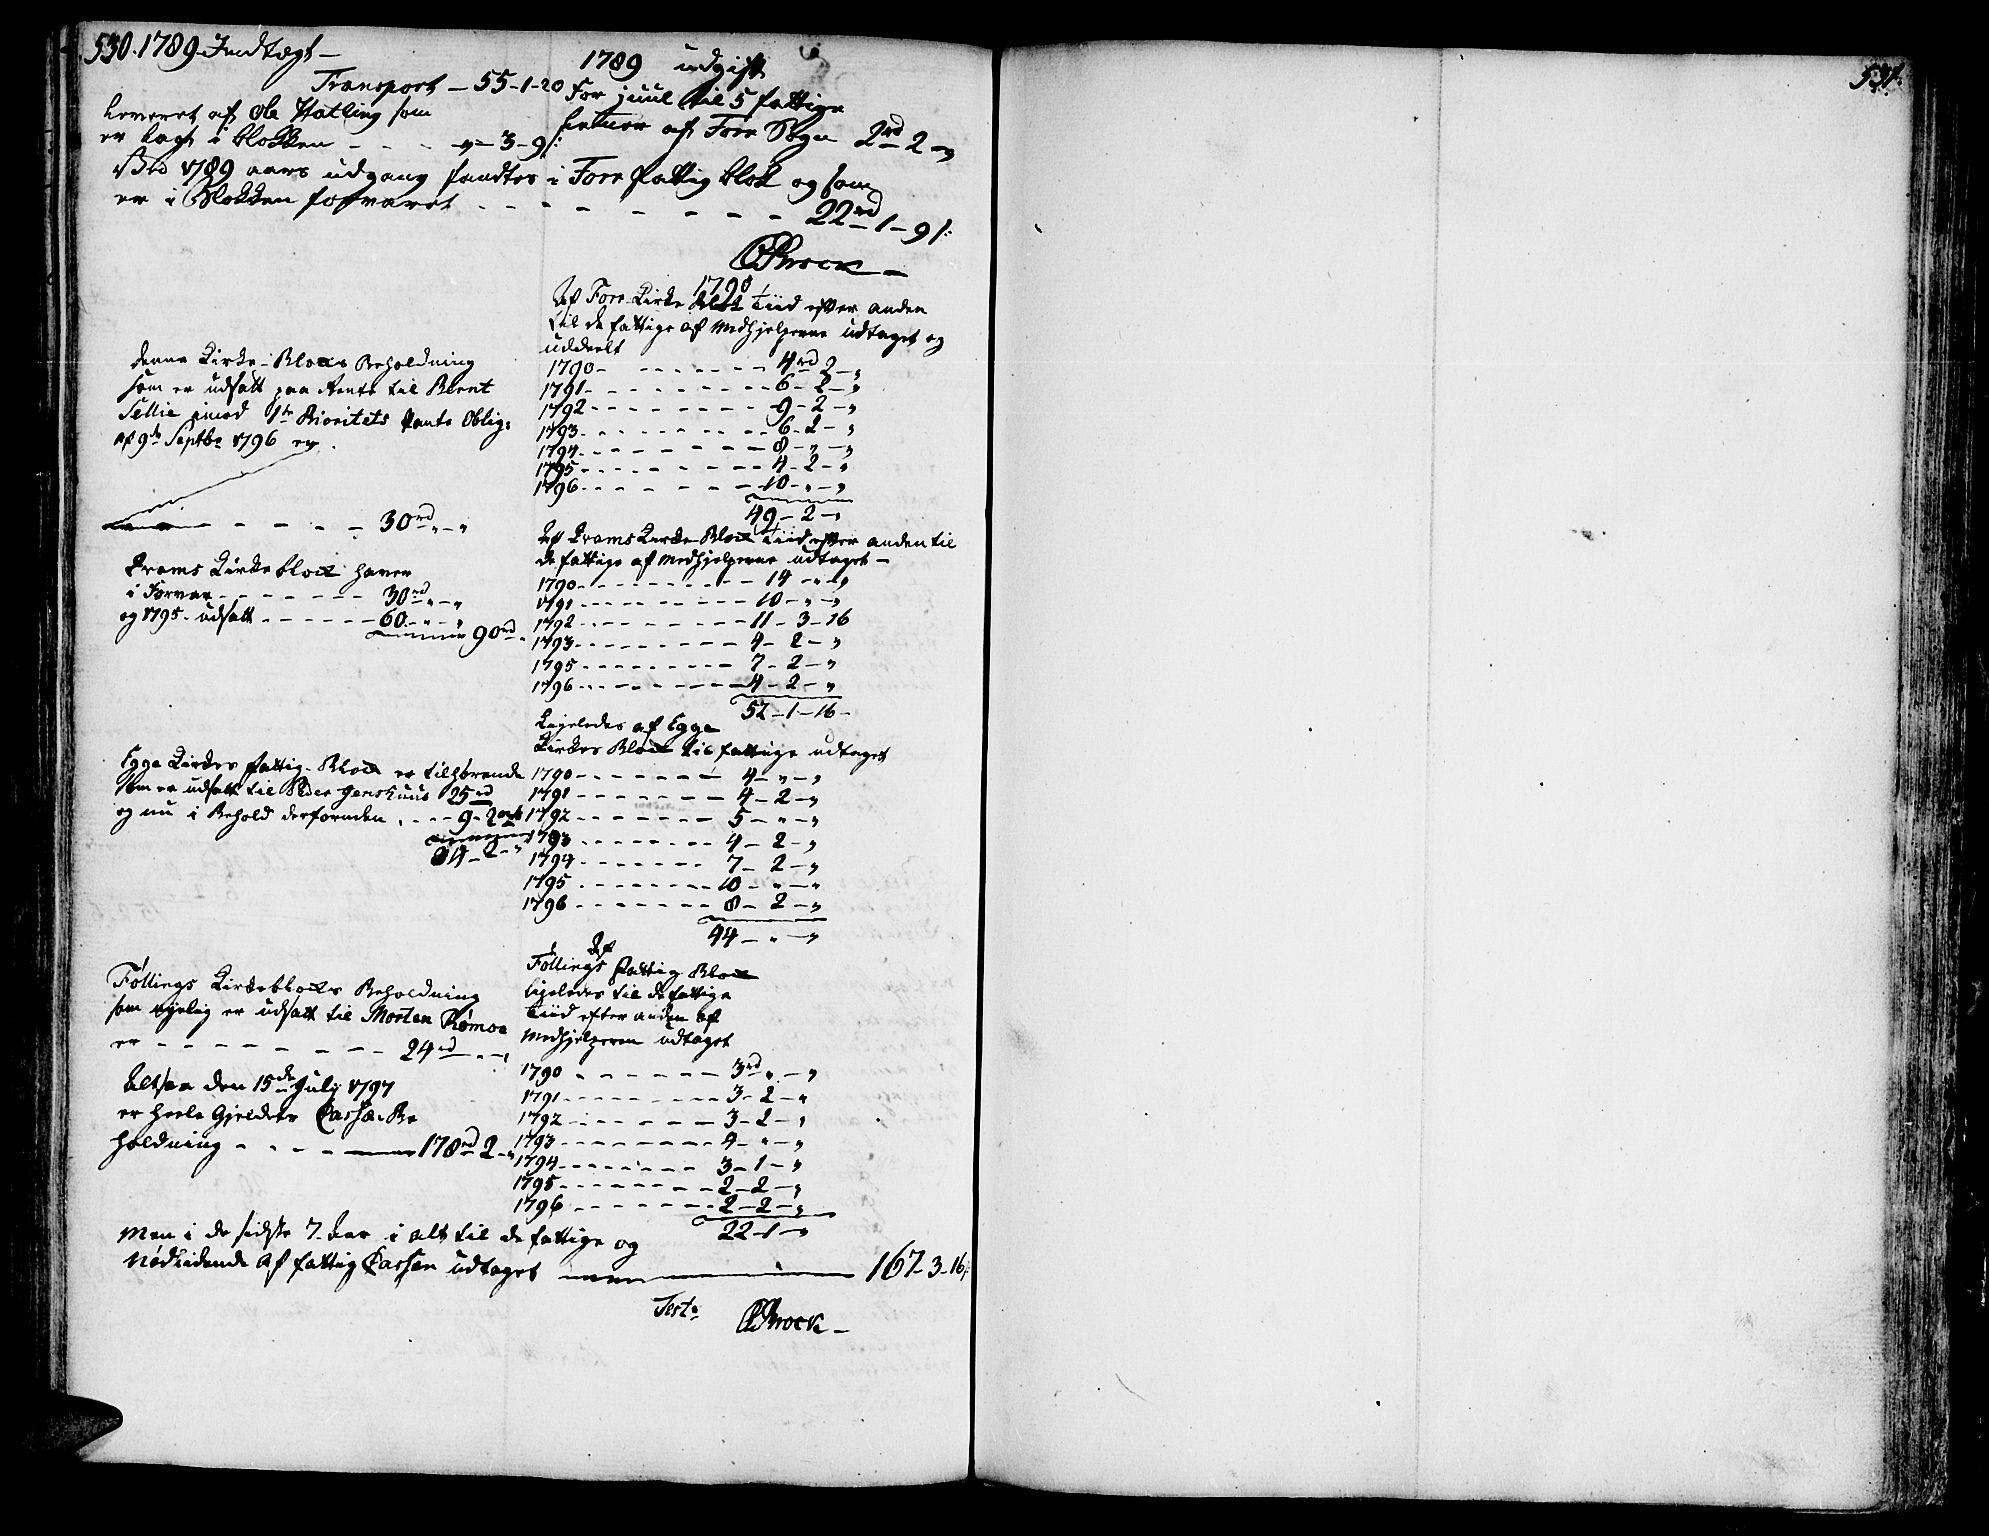 SAT, Ministerialprotokoller, klokkerbøker og fødselsregistre - Nord-Trøndelag, 746/L0440: Ministerialbok nr. 746A02, 1760-1815, s. 530-531